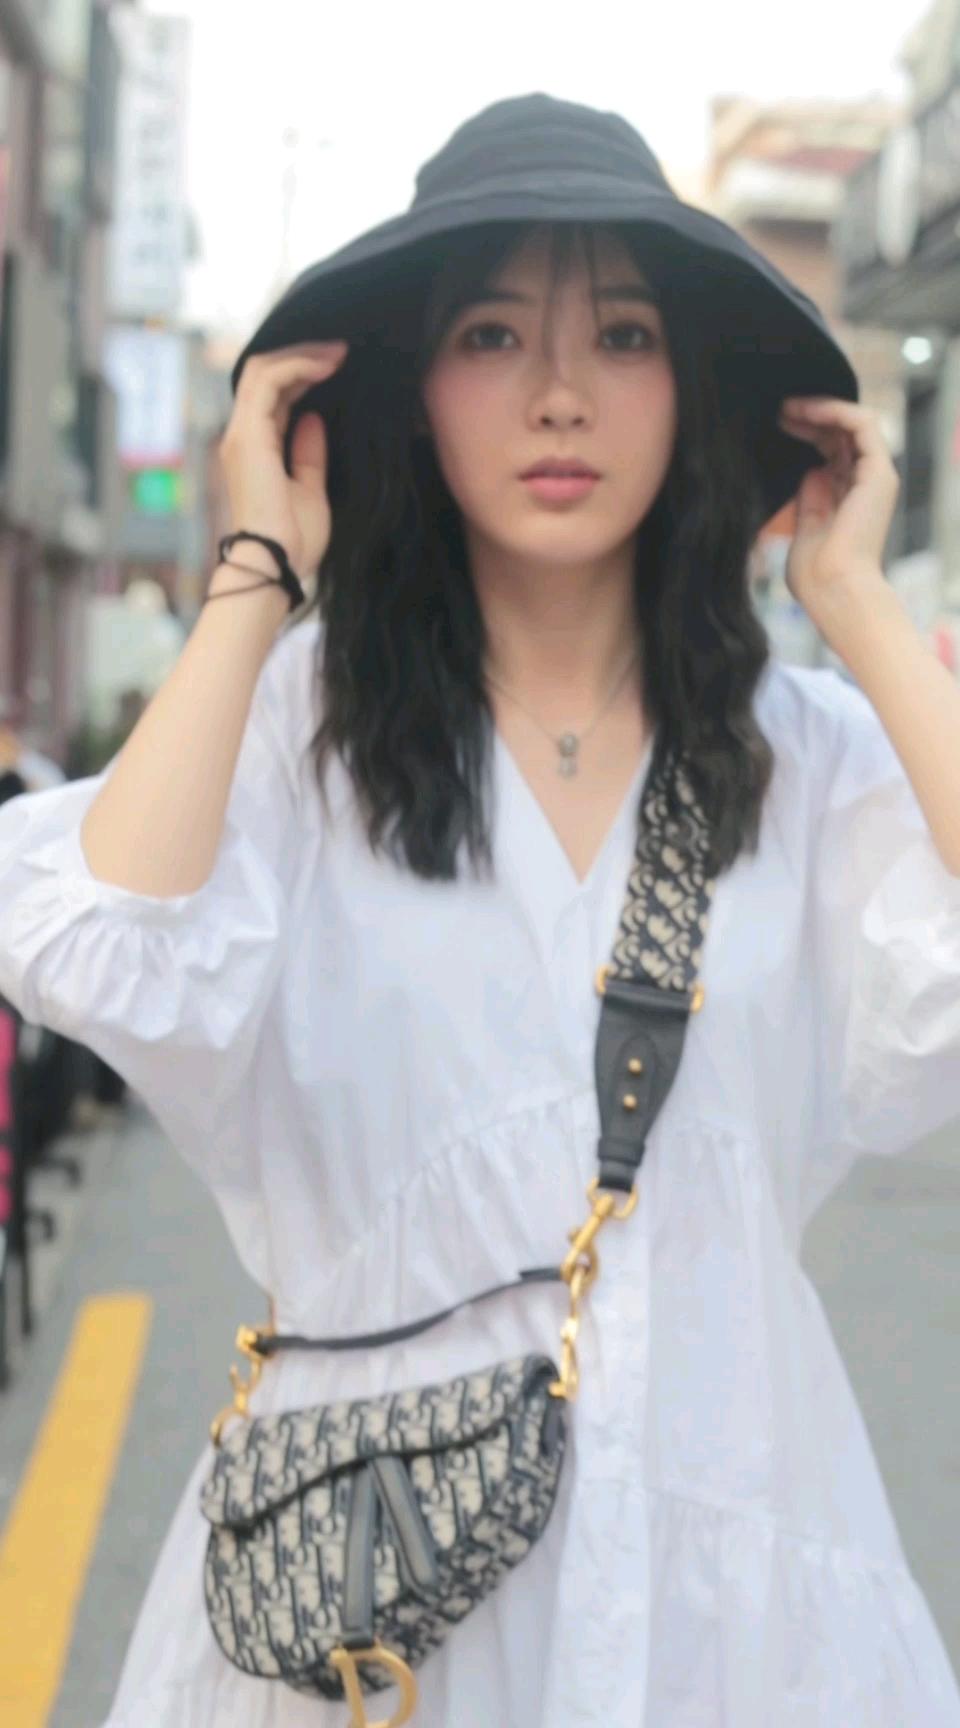 这位超有气质的白衣小姐姐,是不是男生都会喜欢的女神呢?#街拍#